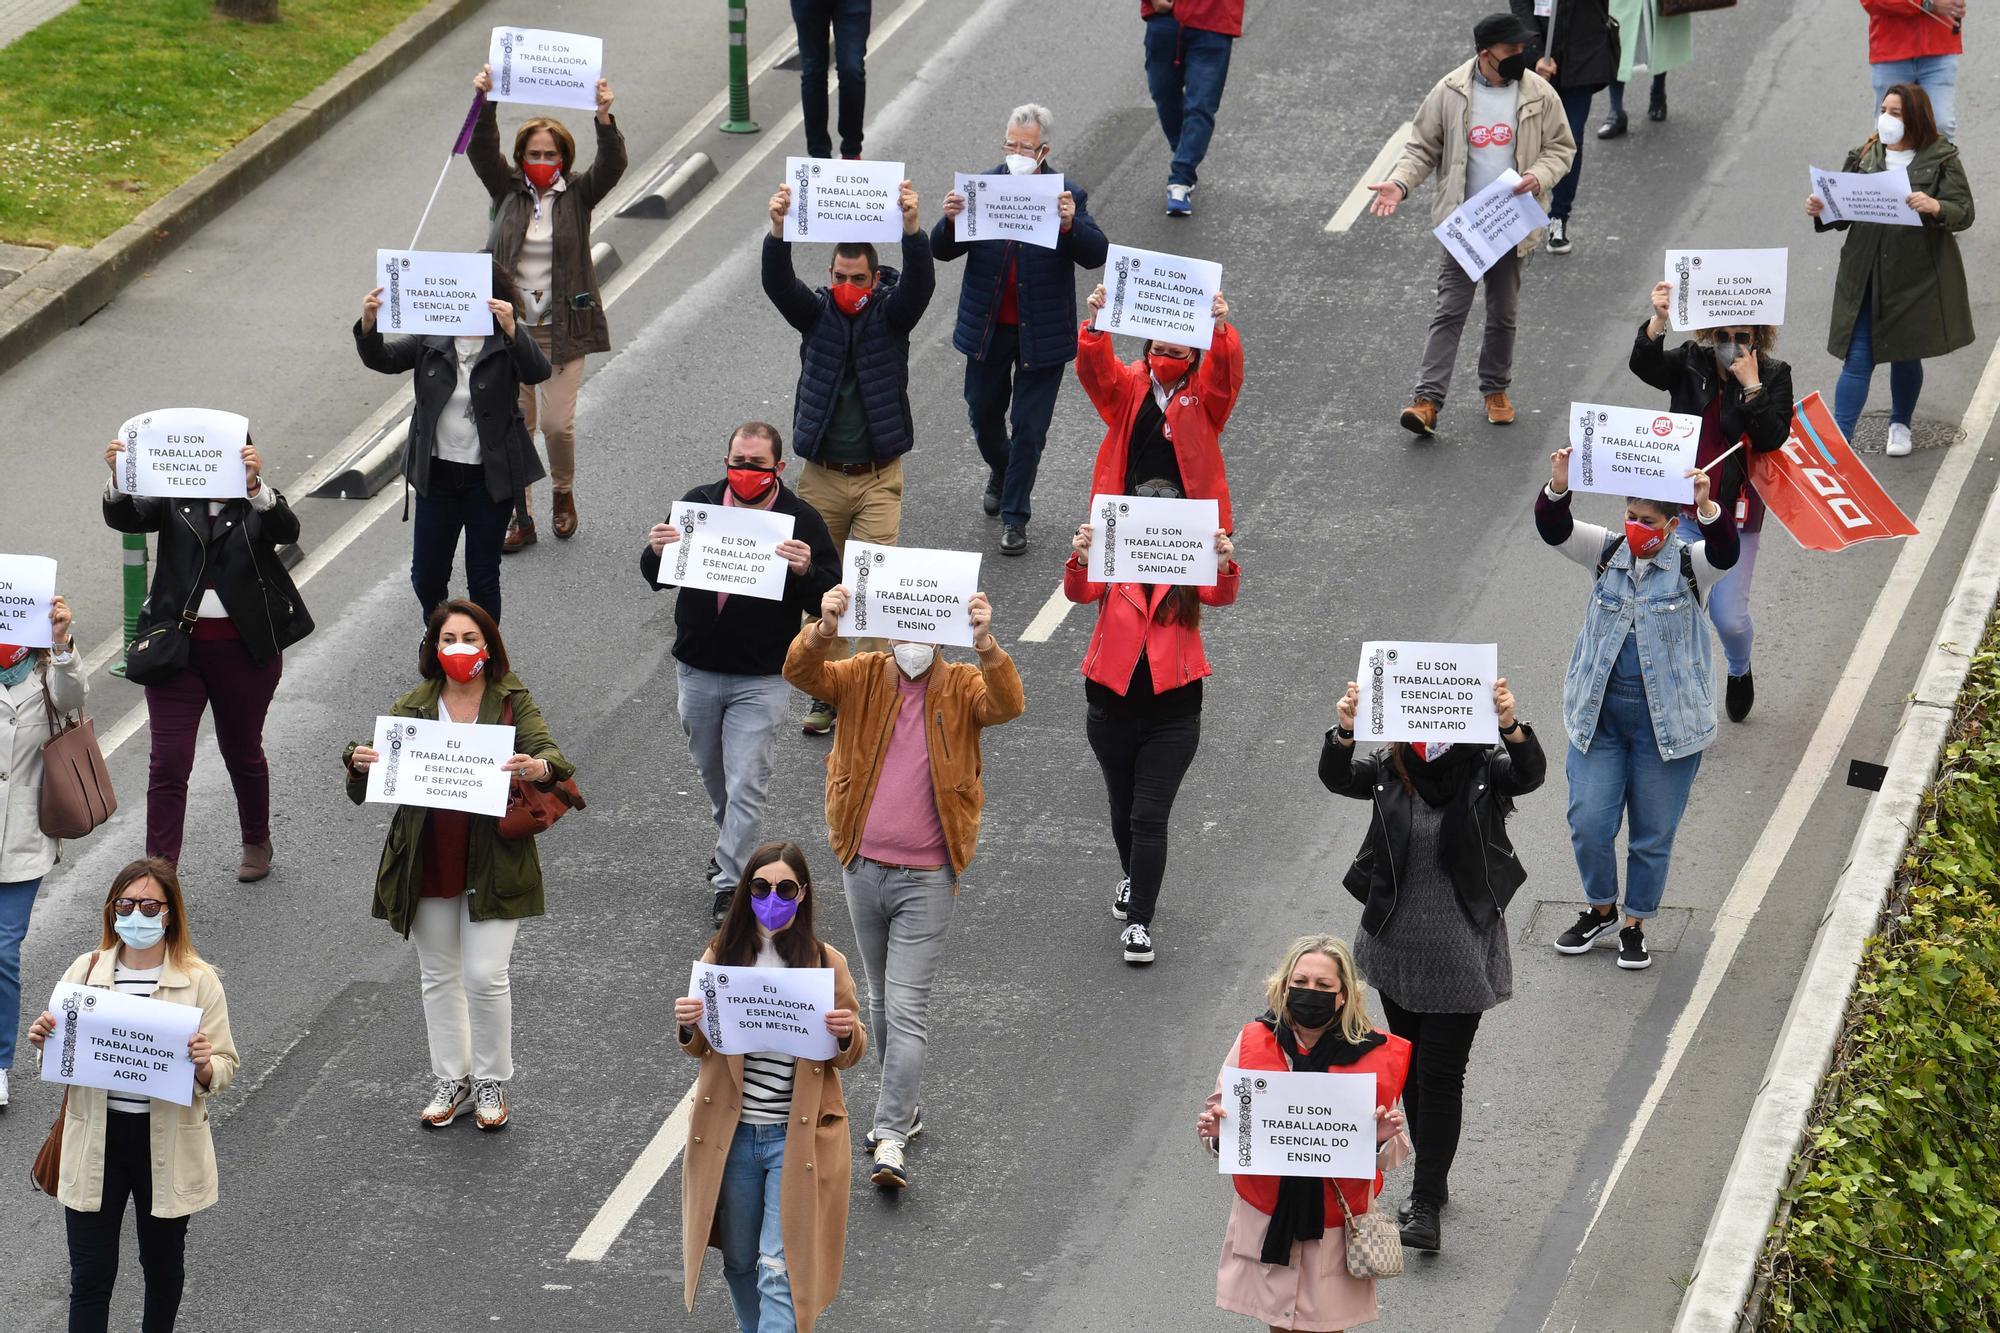 Manifestación del 1 de mayo en A Coruña